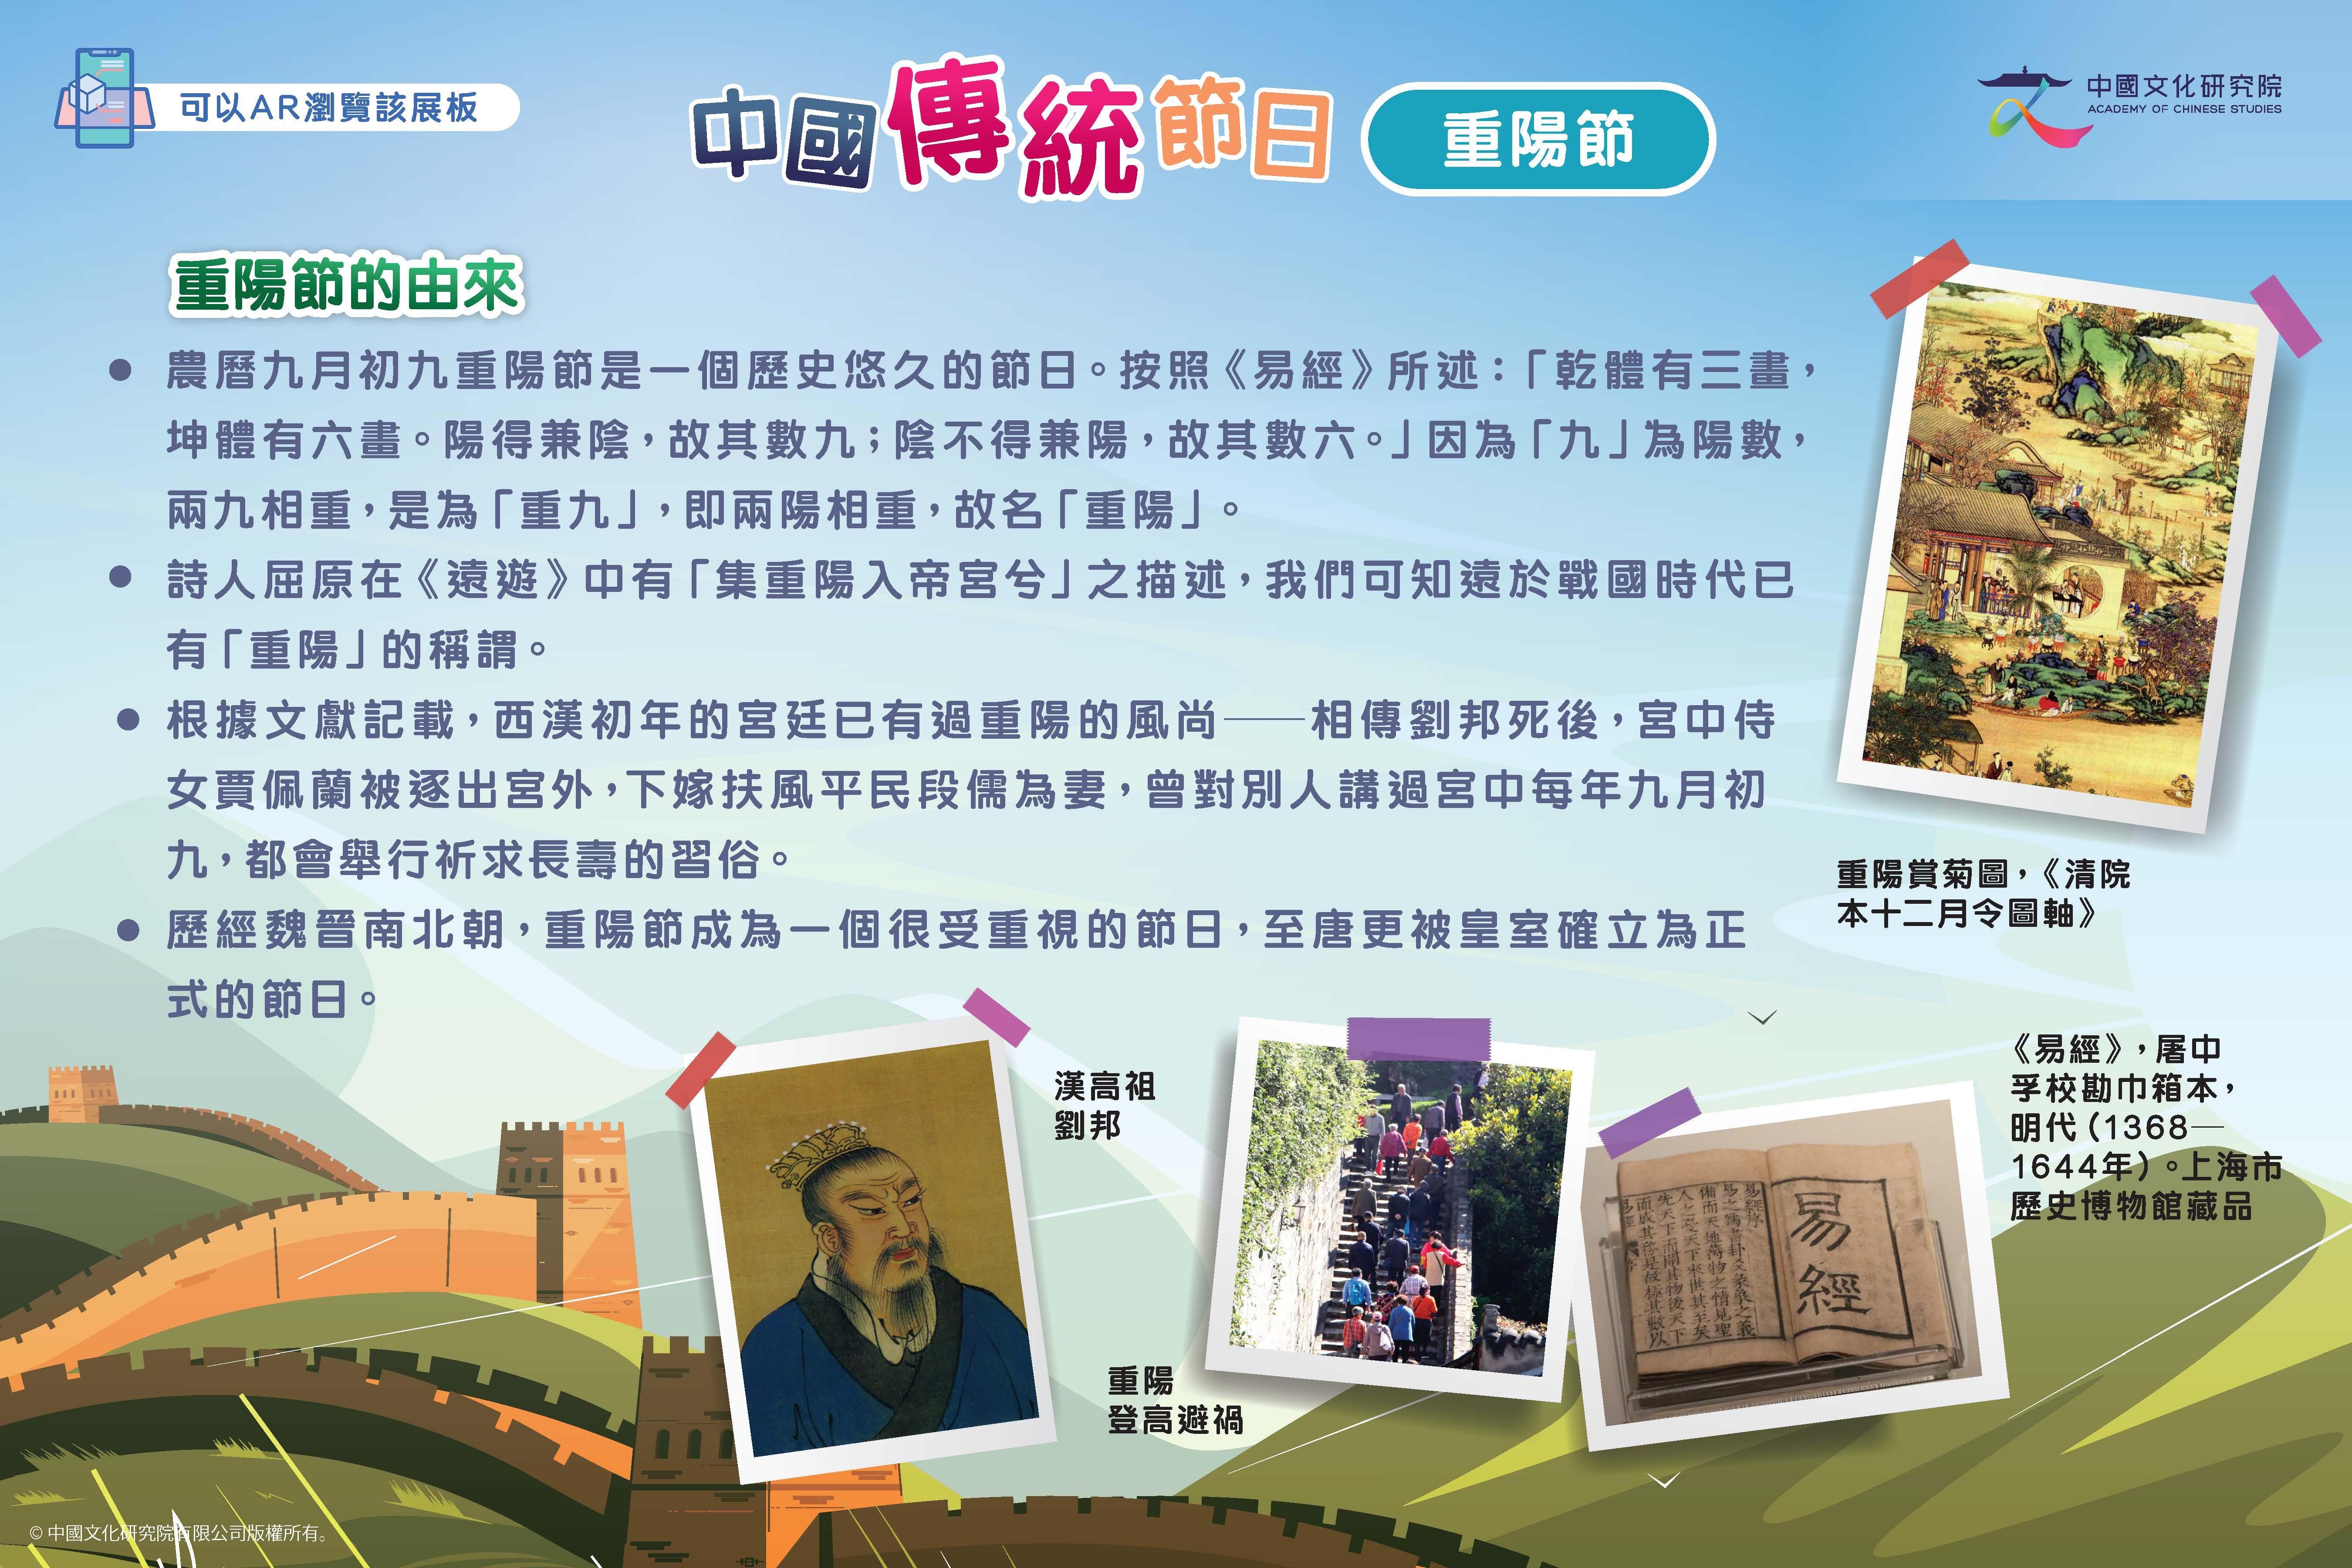 acs_school_2020_foamboard_sepr_zhongyang_compressed_page_2